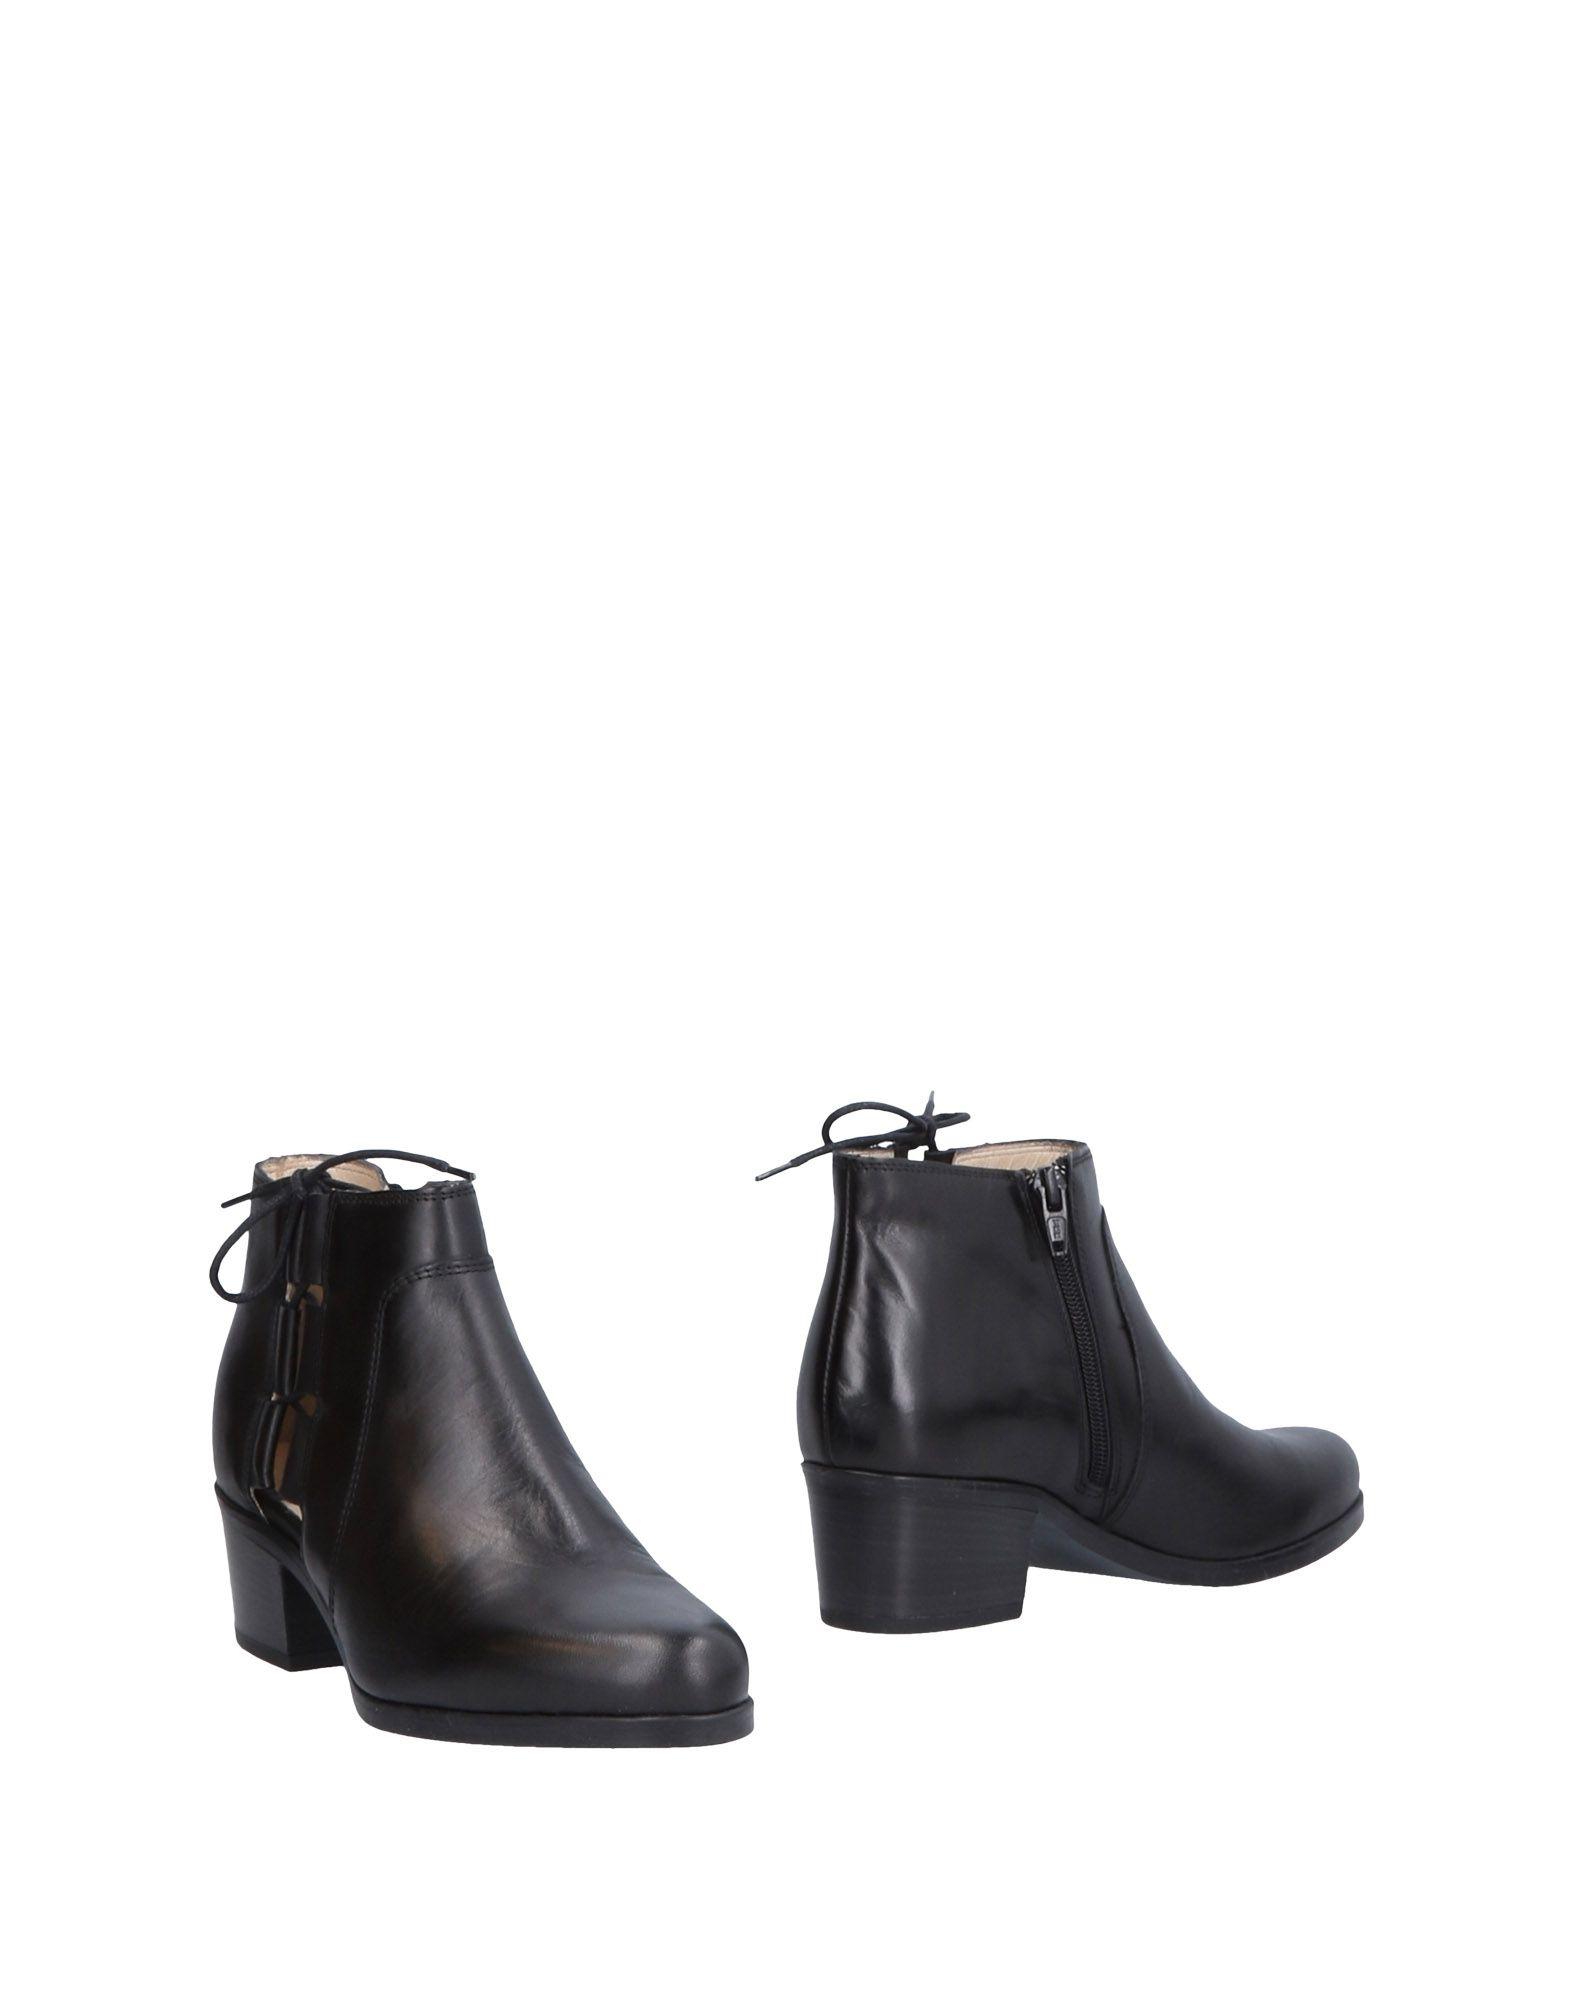 Lea Foscati Stiefelette Damen  11461982AI Gute Qualität beliebte Schuhe